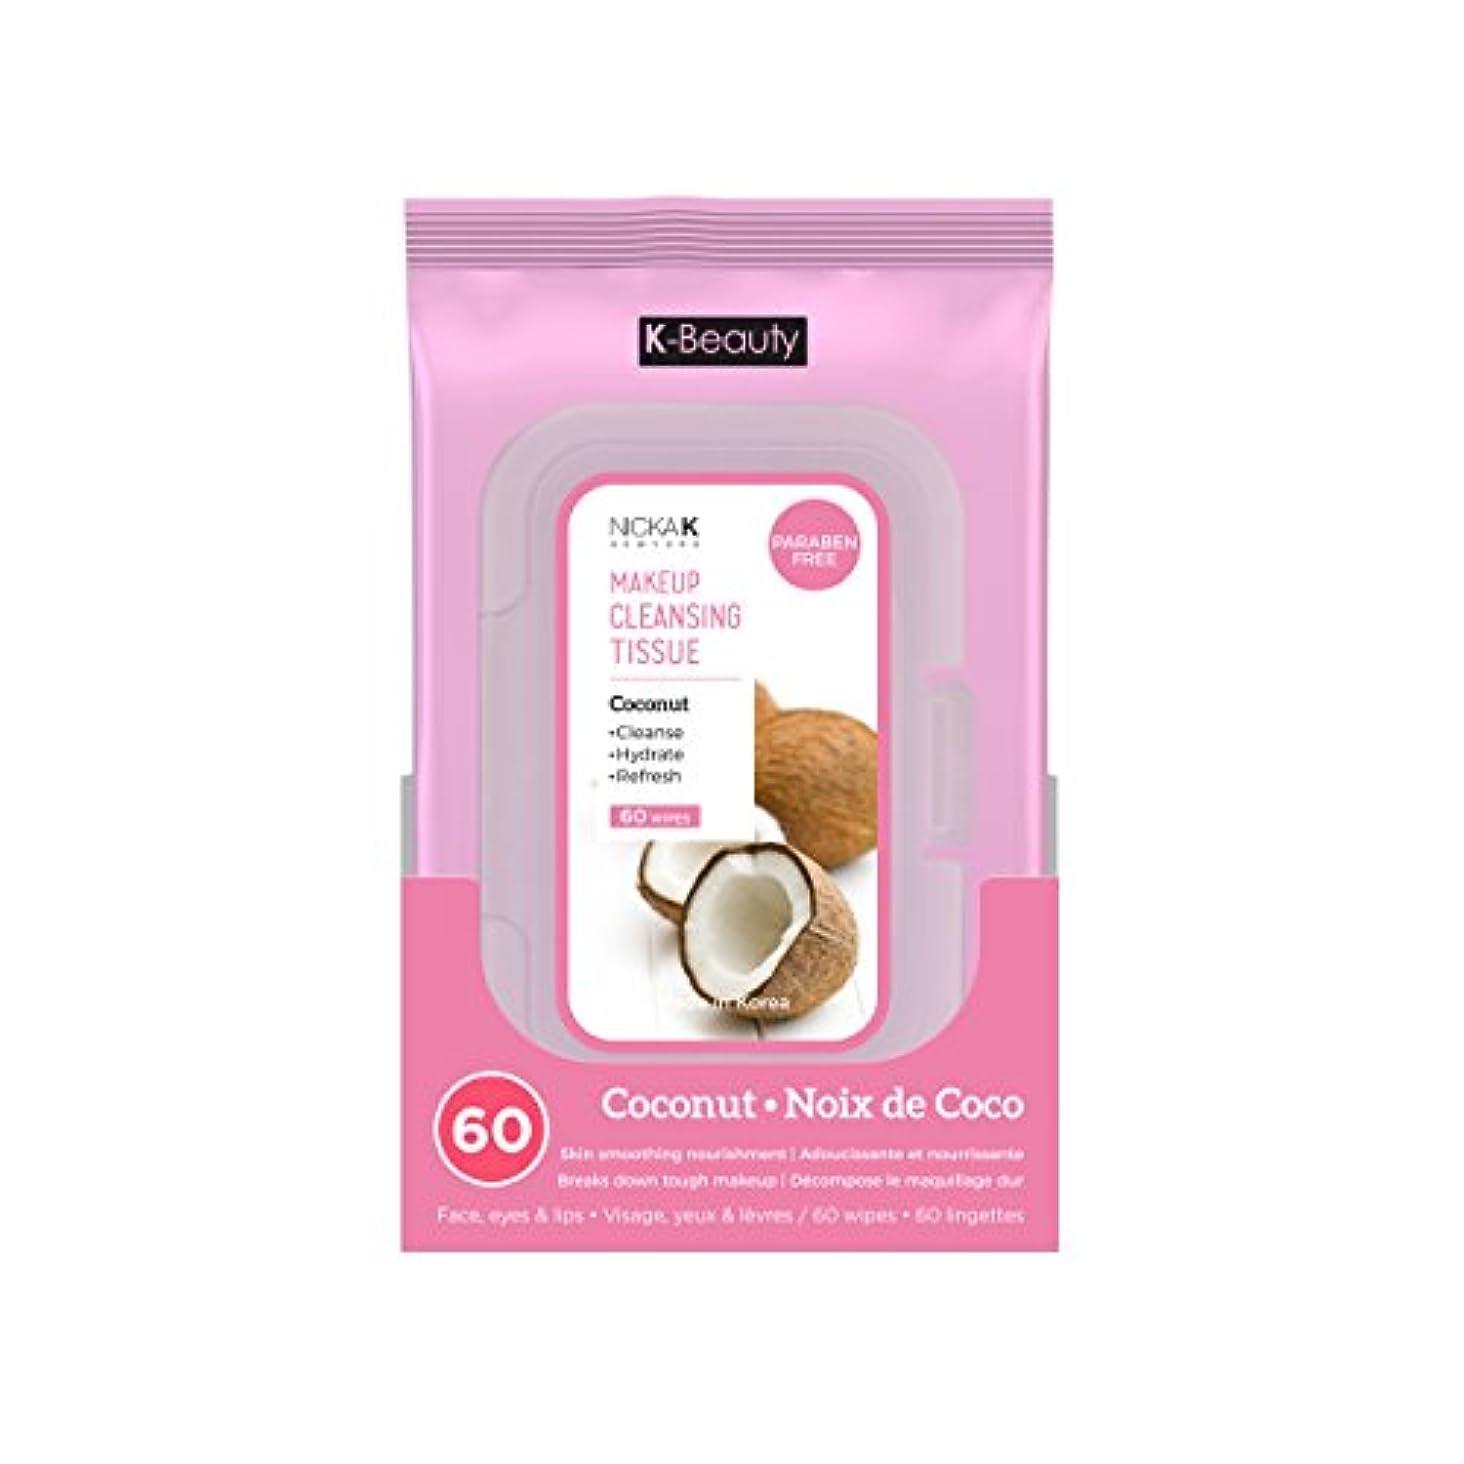 おかしい休日に合併症NICKA K Make Up Cleansing Tissue - Coconut (並行輸入品)